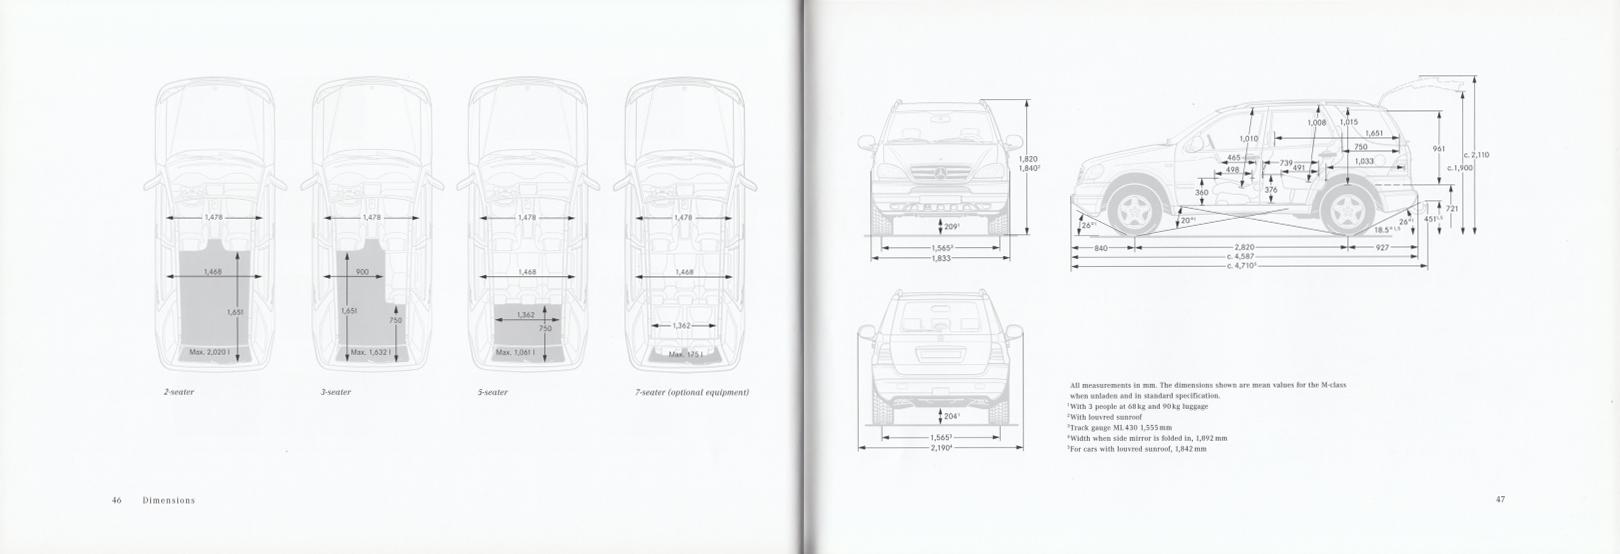 (W163): Catálogo 2001 (1) - inglês 025